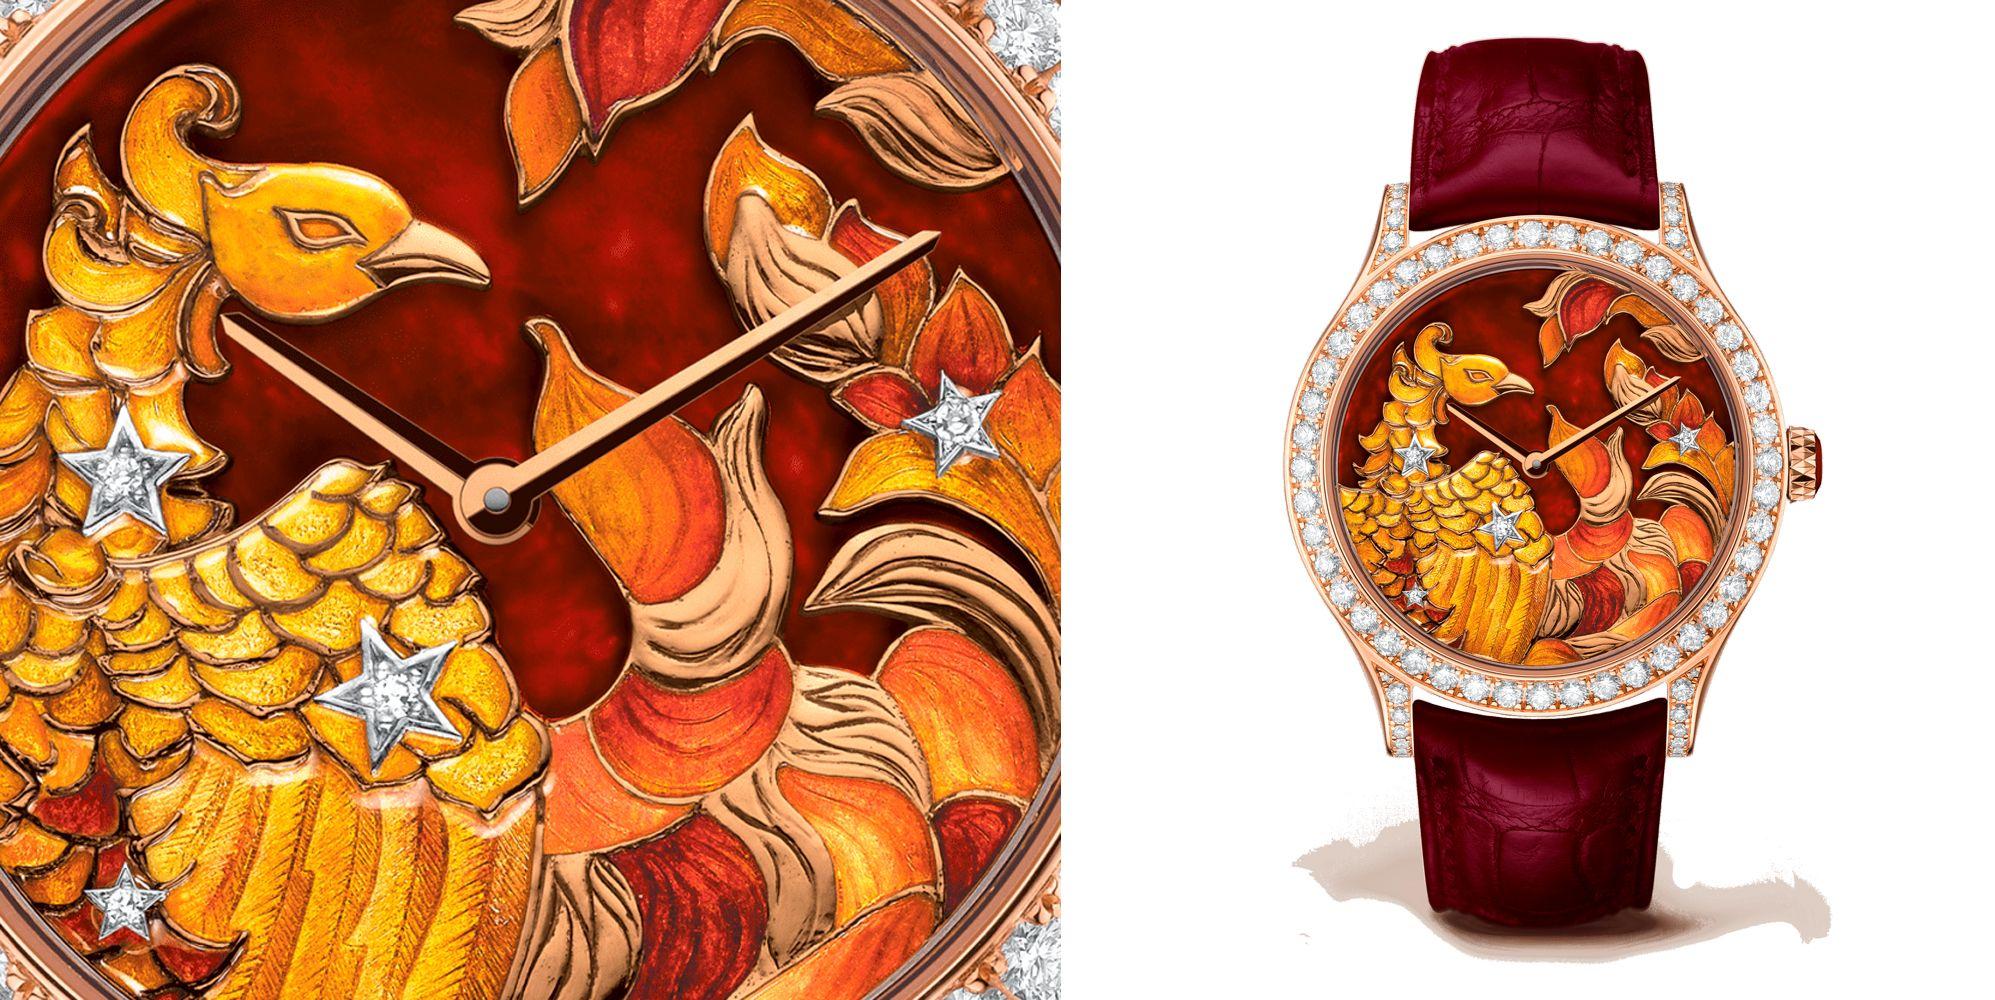 Midnight Constellation Phoenix 腕錶by Van Cleef & Arpels。